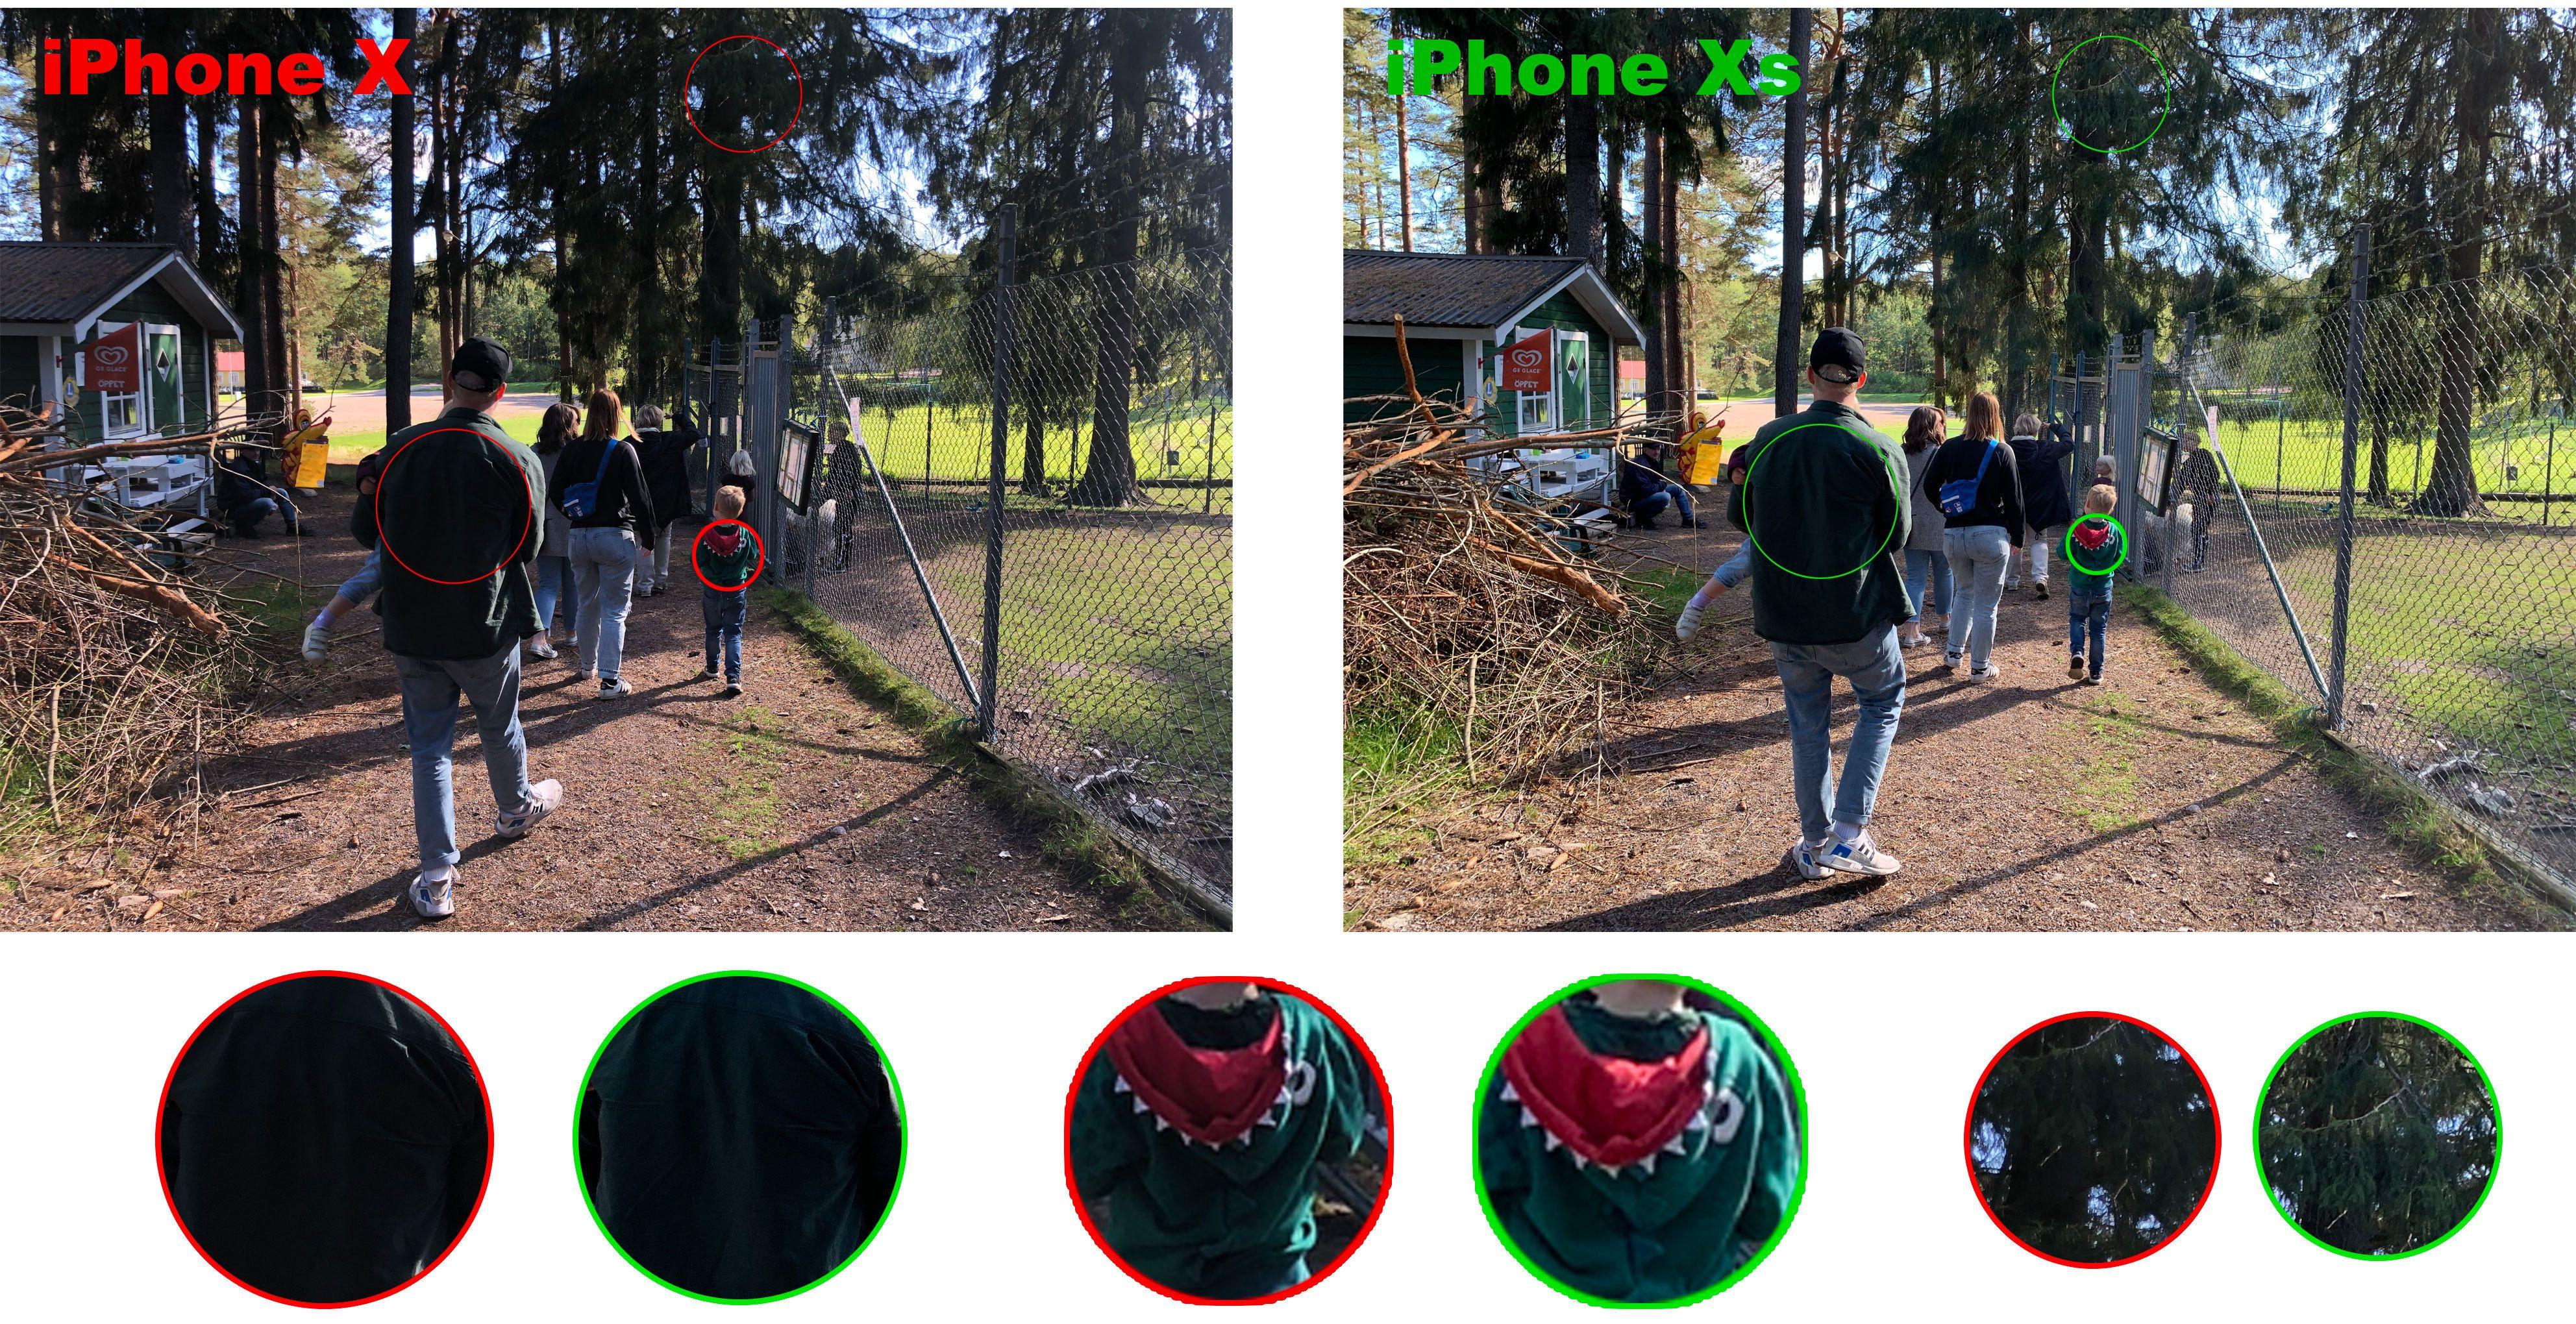 Her tok vi et bilde i gode lysforhold med både iPhone X og iPhone Xs. Selv om de ser ganske like ut ved første øyekast, ser men at iPhone Xs gjør det bedre på mørke detaljer.